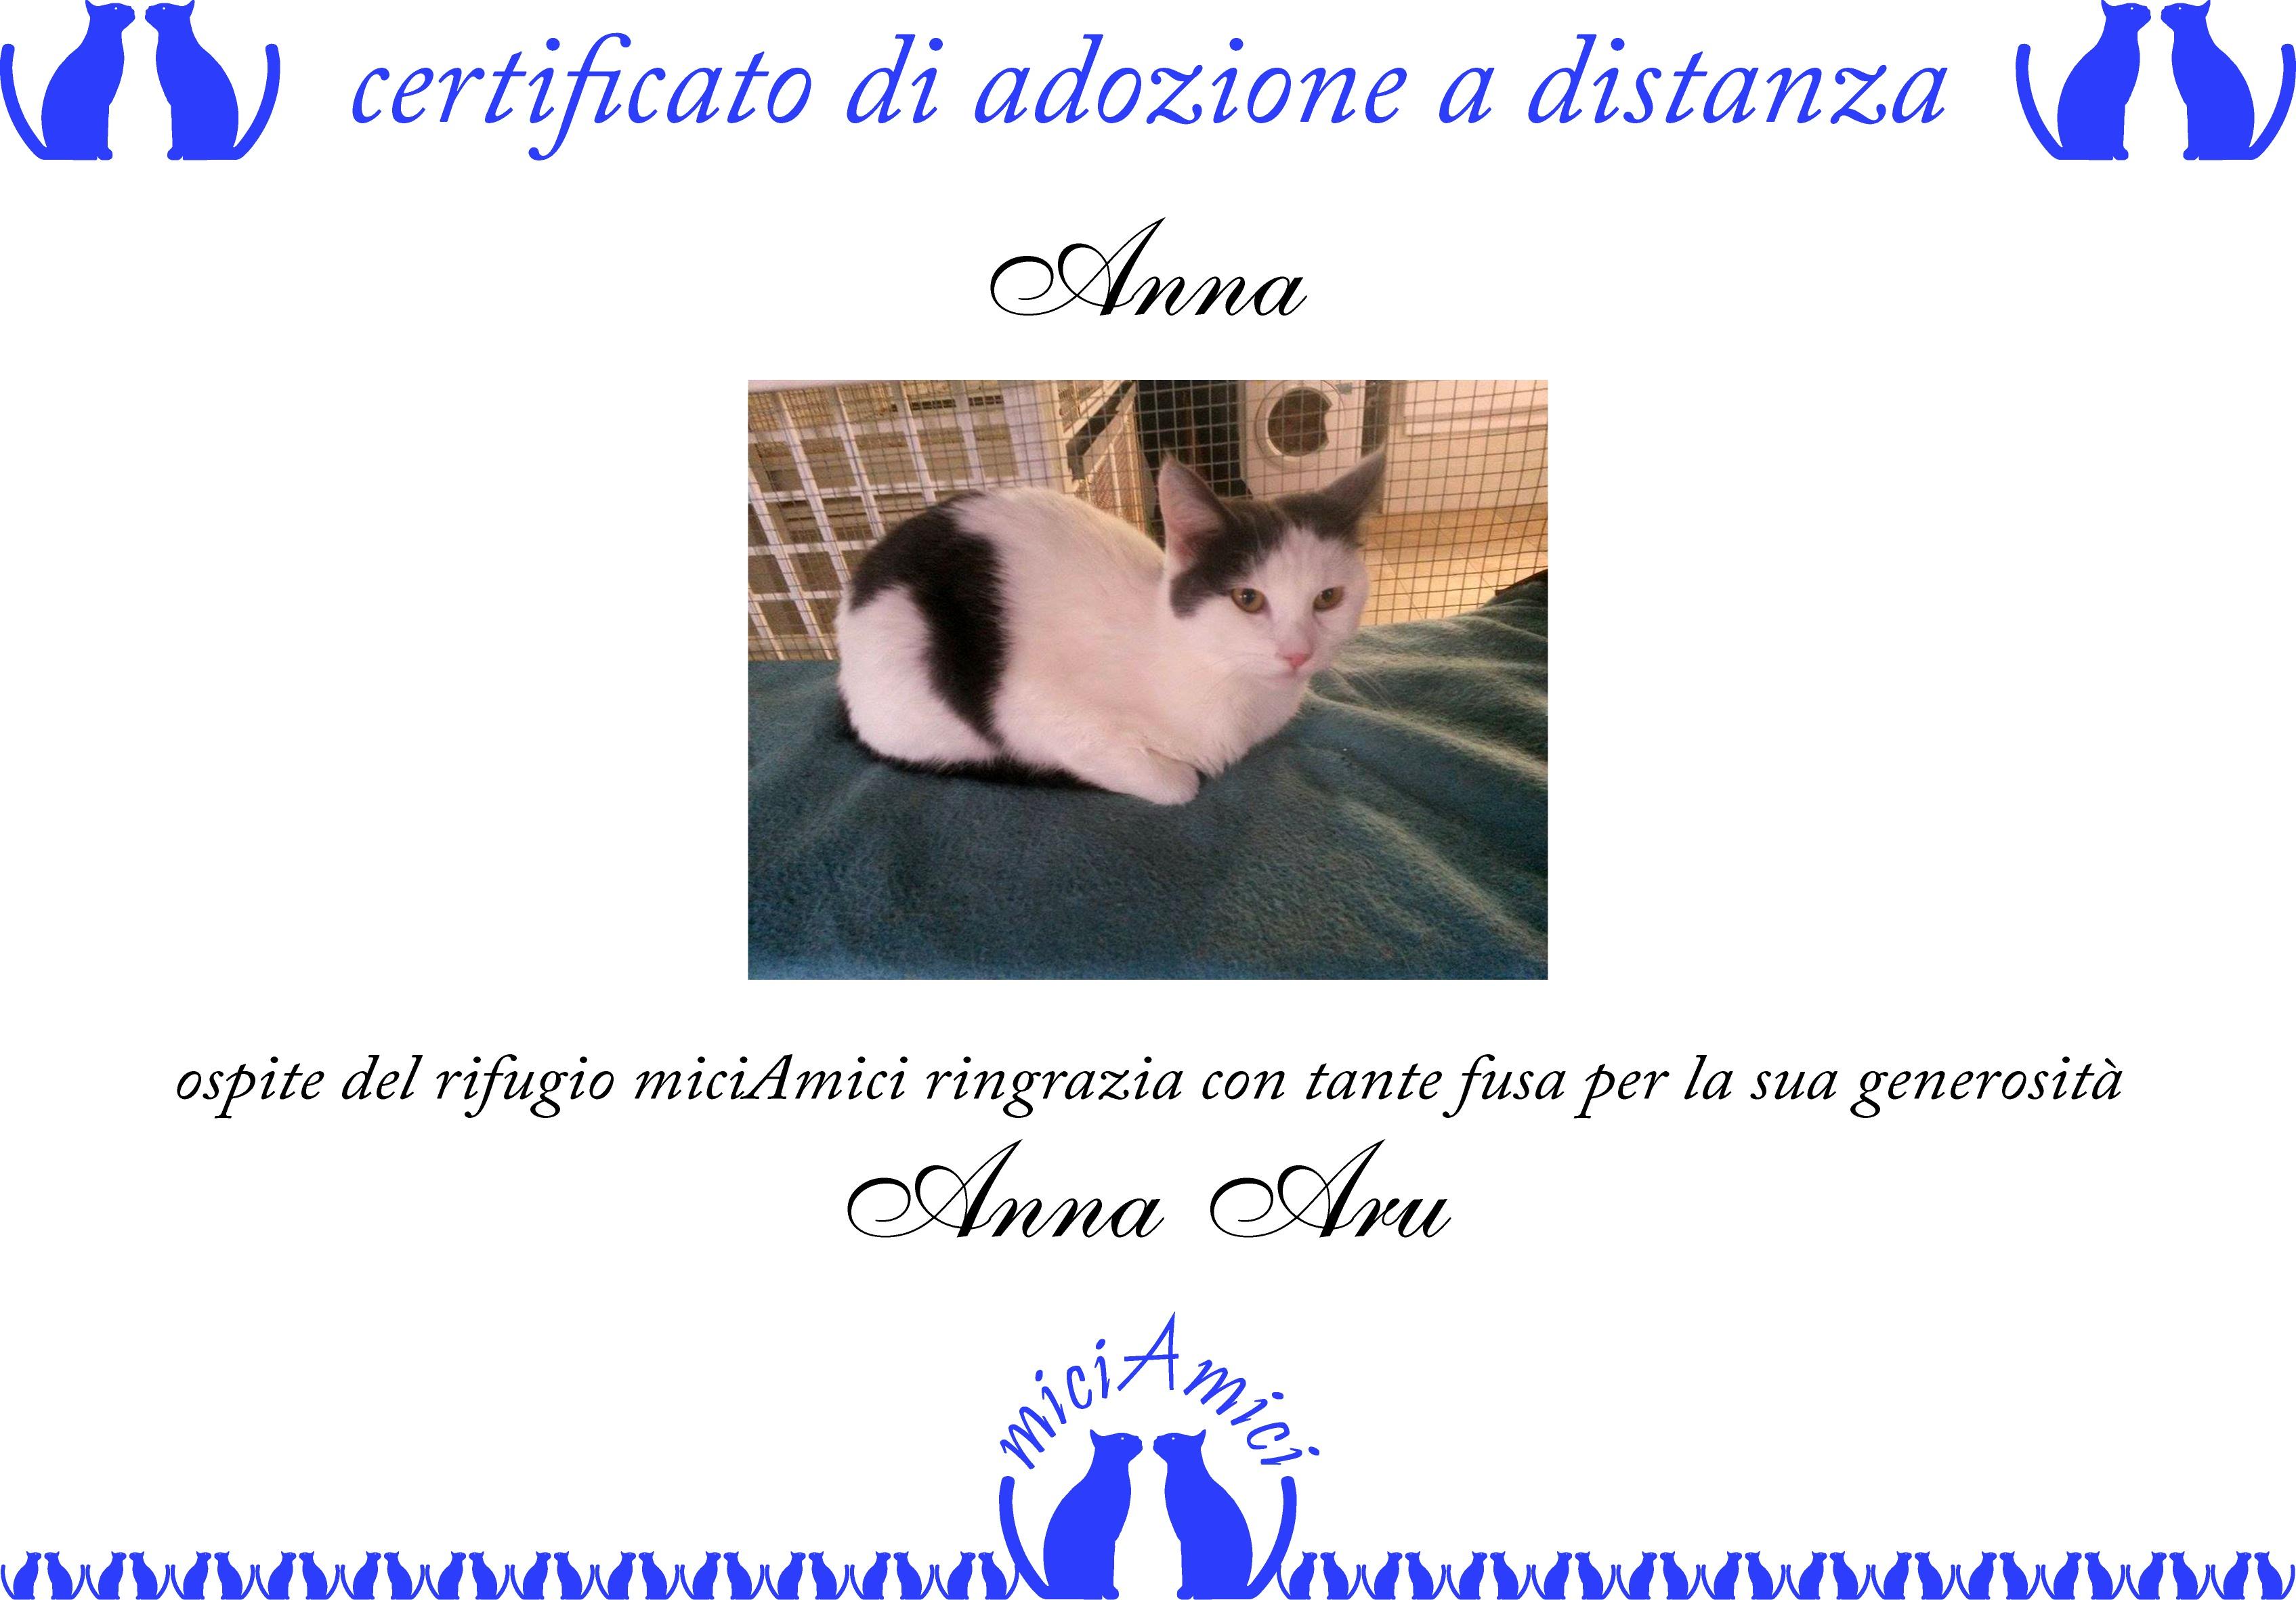 Esempio di certificato di adozione a distanza di un gatto